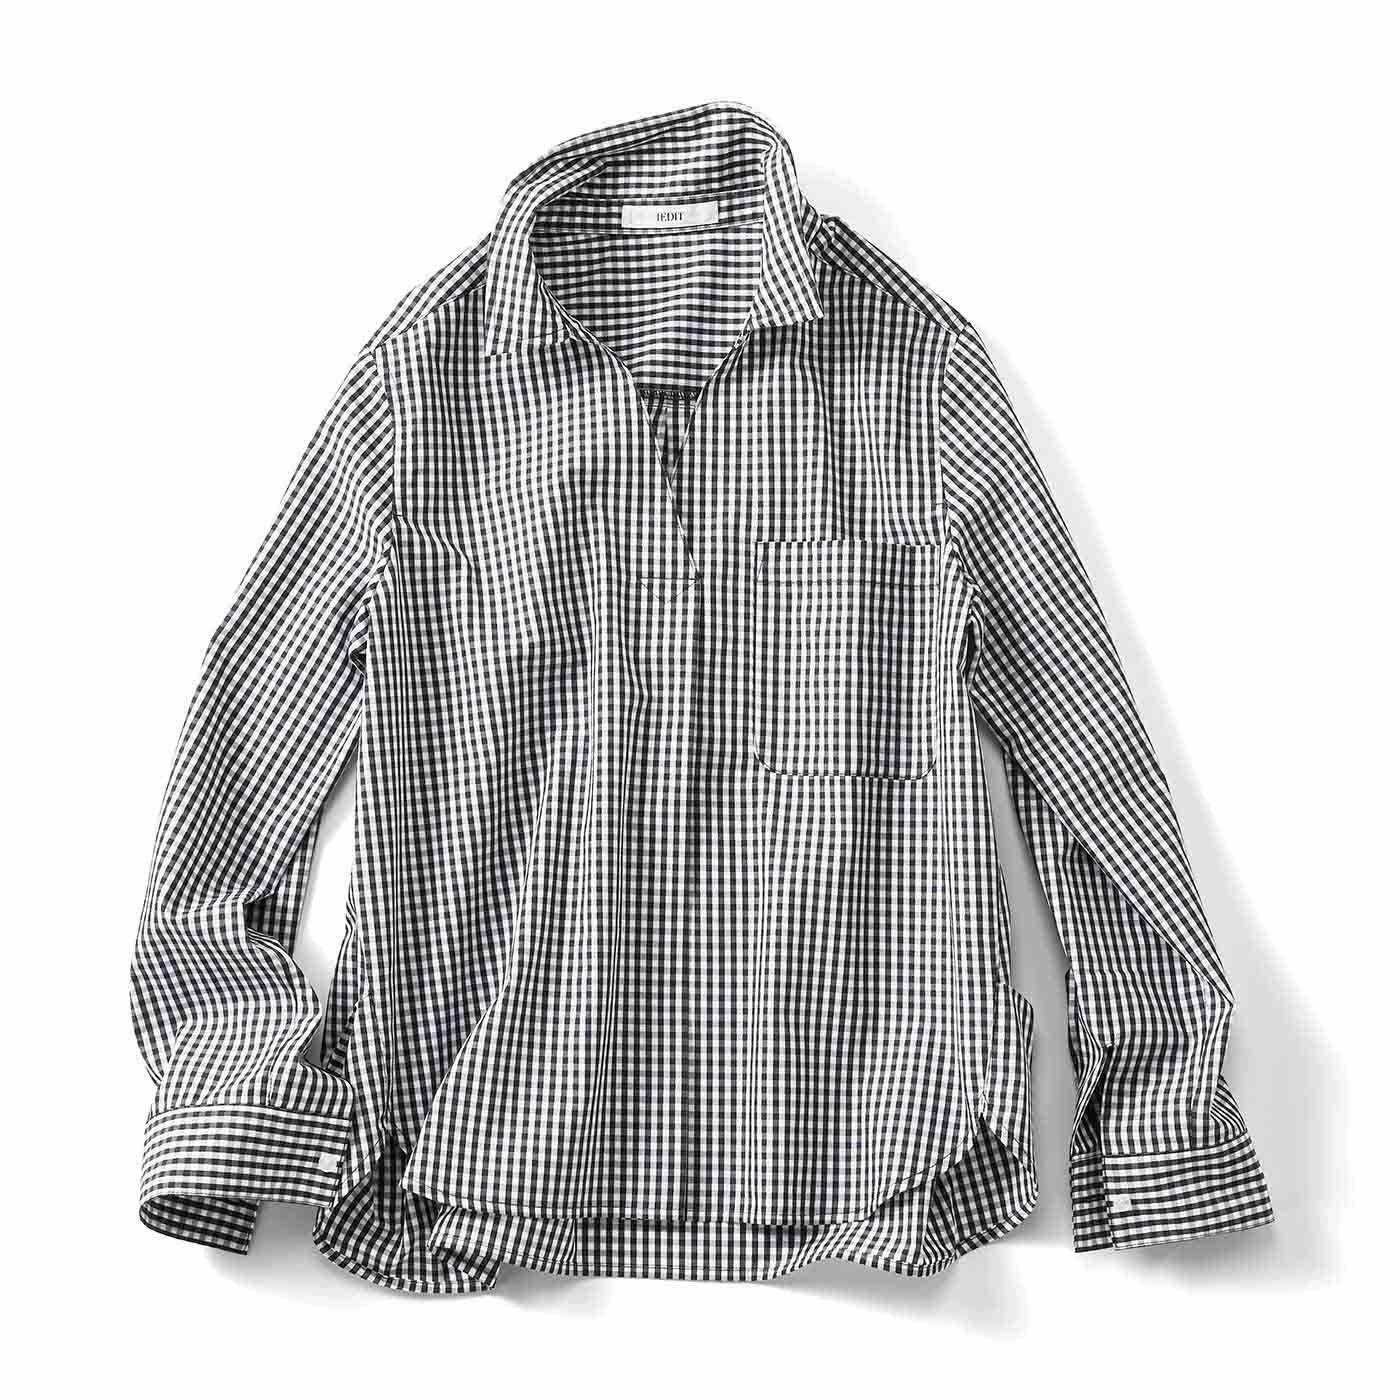 IEDIT[イディット] ワイヤー入り衿で着こなし自在 スキッパーシャツプルオーバー〈ブラックギンガム〉